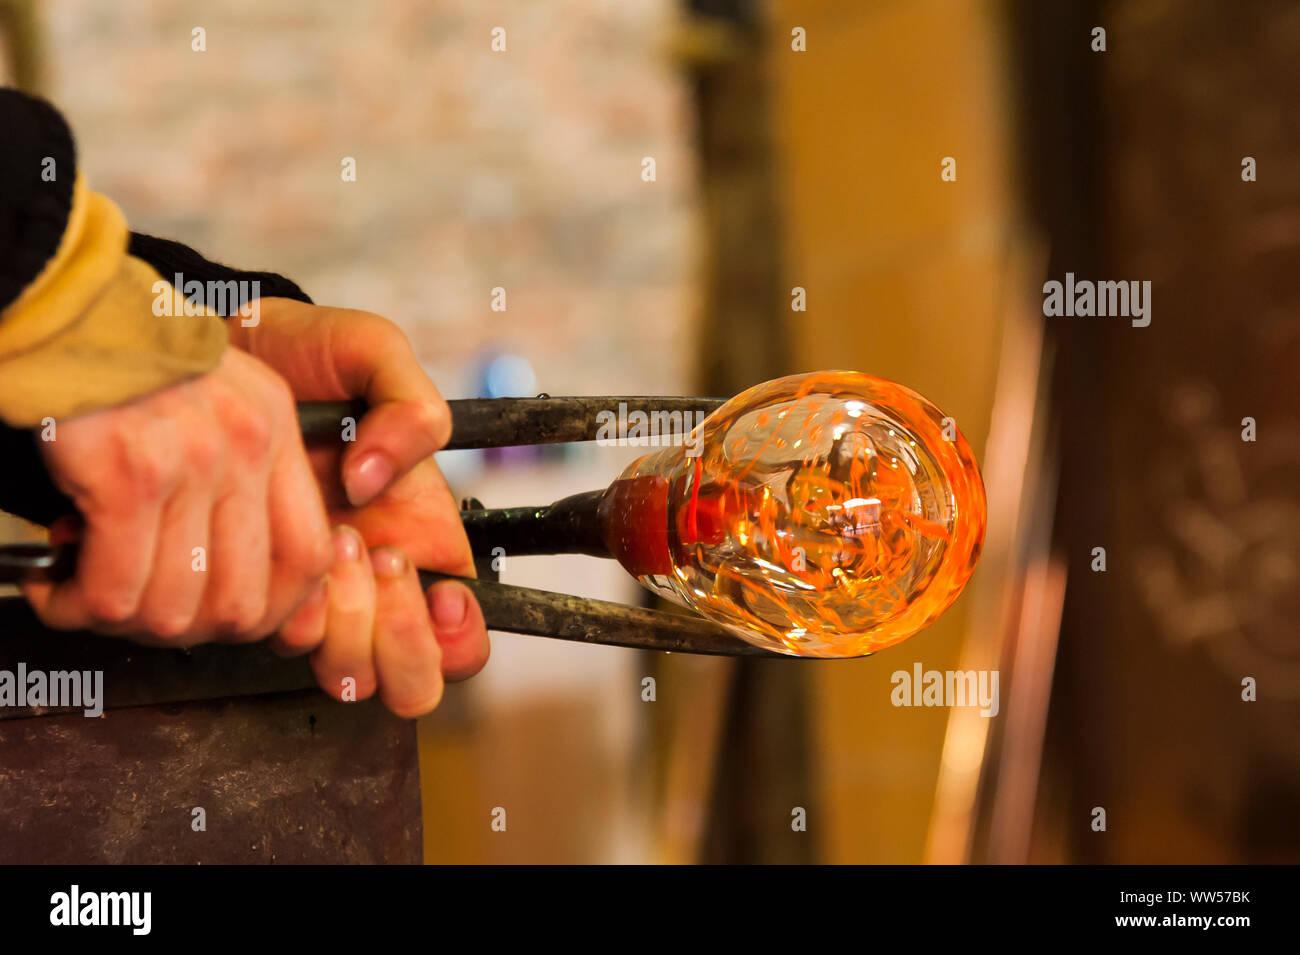 Glasbläserei Workshop, Hände, Zange, Glas, Gestaltung, Stockfoto